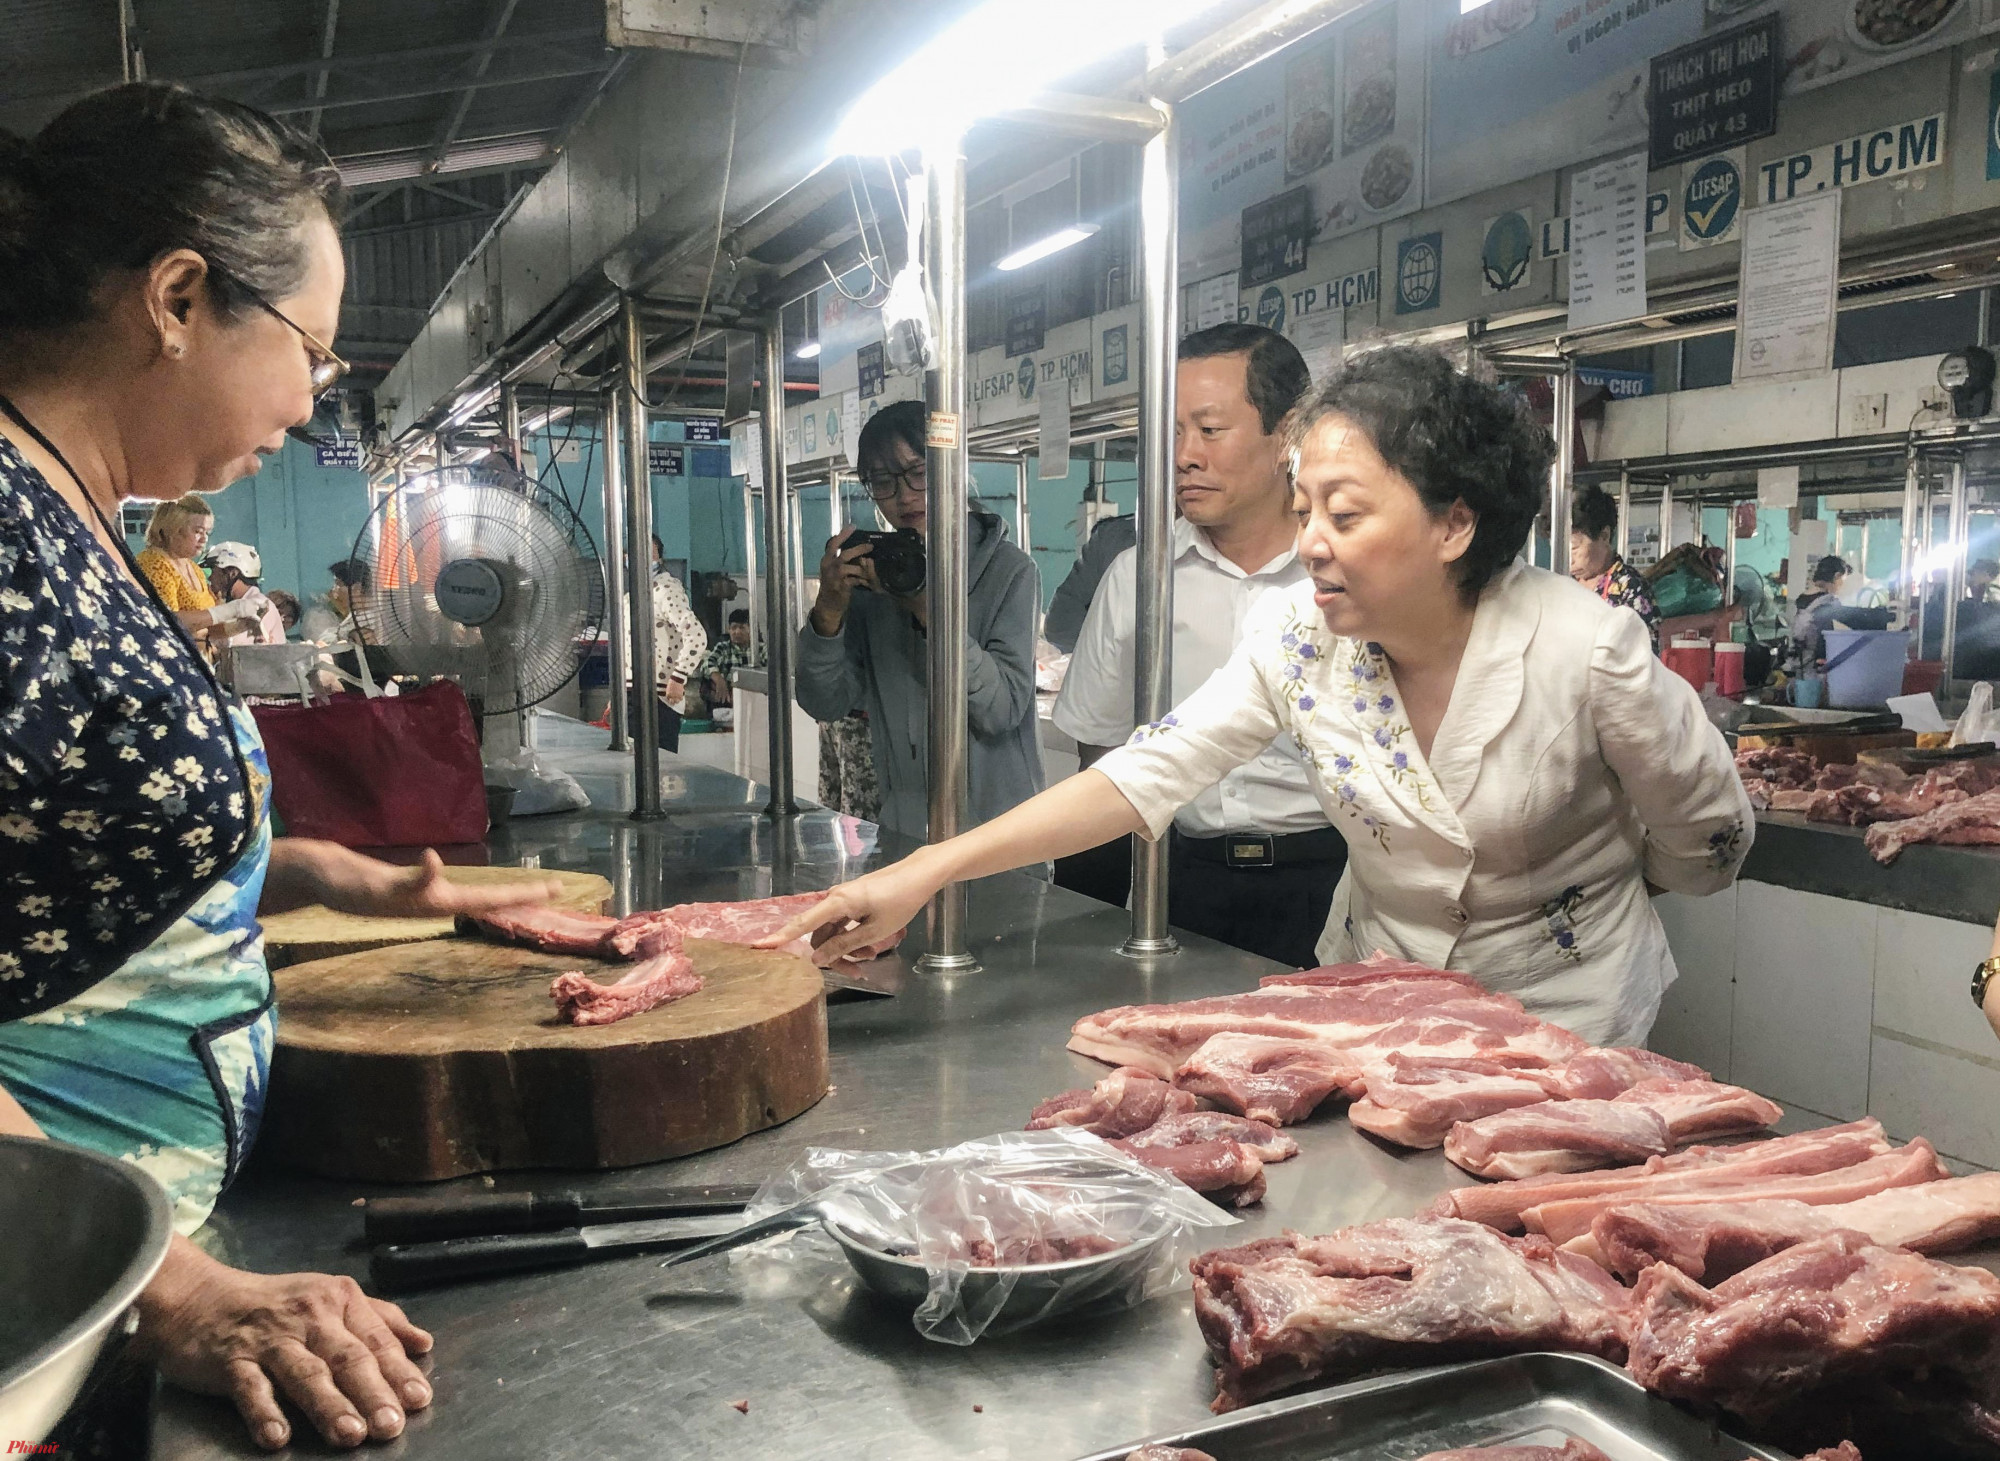 Theo bà Phạm Khánh Phong Lan, Trưởng Ban Quan lý ATTP TPHCM về công tác thanh trang, kiểm tra vấn đề về ATTP trên địa bàn TPHCM là công tác thường xuyên của các Đội Quản lý trược thuộc Ban, tuy nhiên